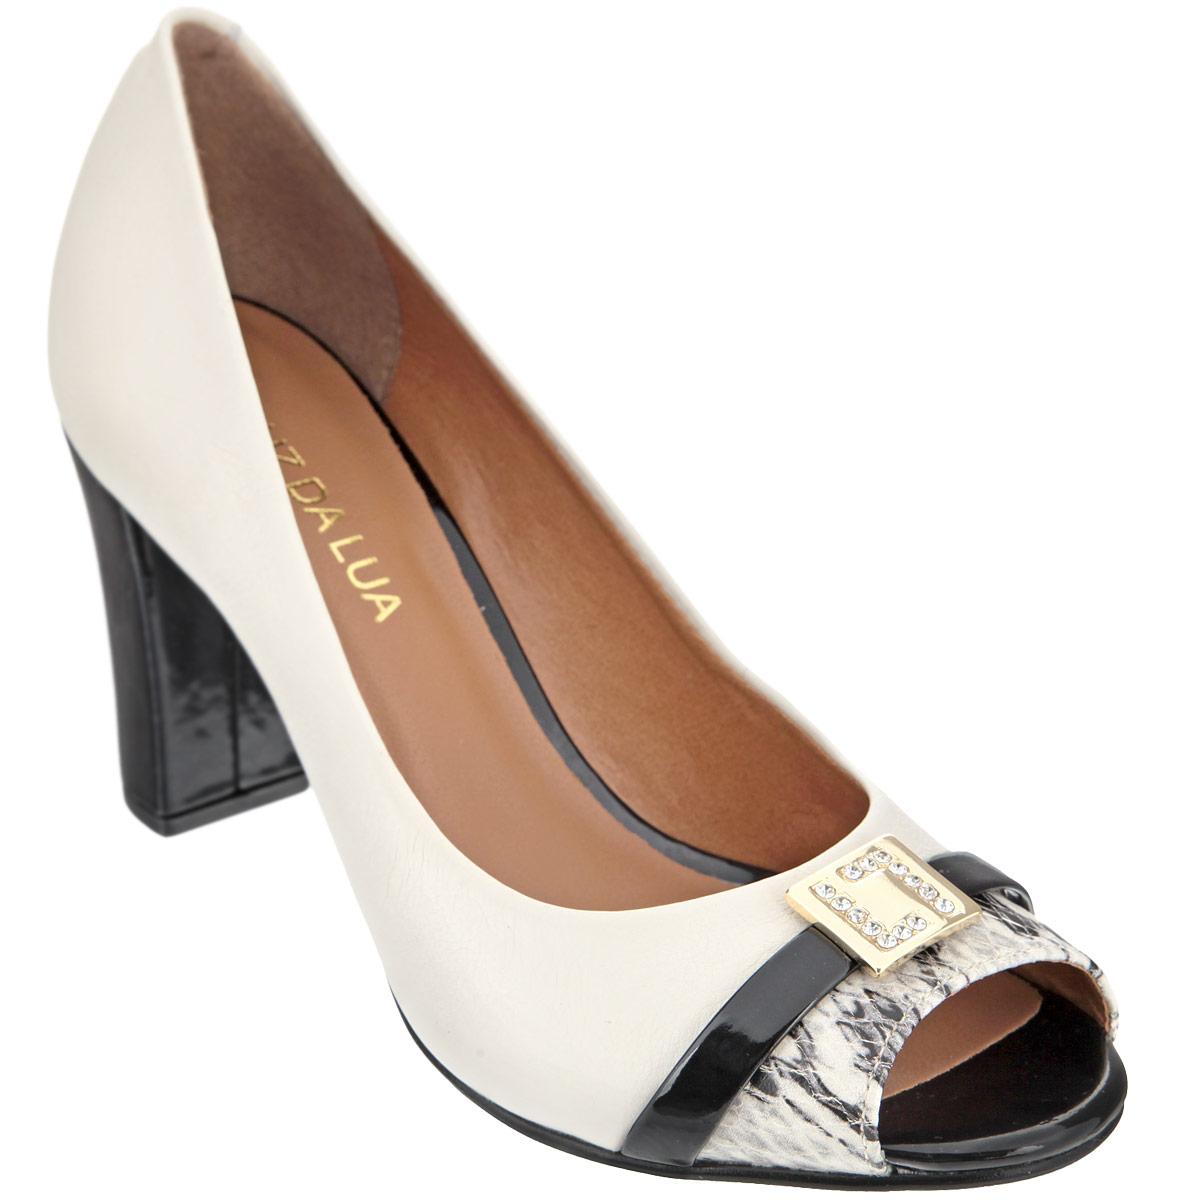 Туфли женские. S41653V25S41653V25Эффектные туфли от Luz Da Lua подчеркнут вашу страстную натуру! Модель выполнена из натуральной кожи и декорирована тиснением, имитирующим змеиную кожу, спереди. Открытый носок смотрится невероятно женственно. Мыс изделия украшен декоративным лакированным ремешком с квадратной металлической пластиной, усыпанной стразами. Стелька из натуральной кожи обеспечивает комфорт при ходьбе. Высокий лакированный каблук, оформленный у основания золотистой пластиной, и подошва дополнены противоскользящим рифлением. Роскошные туфли не оставят вас незамеченной!